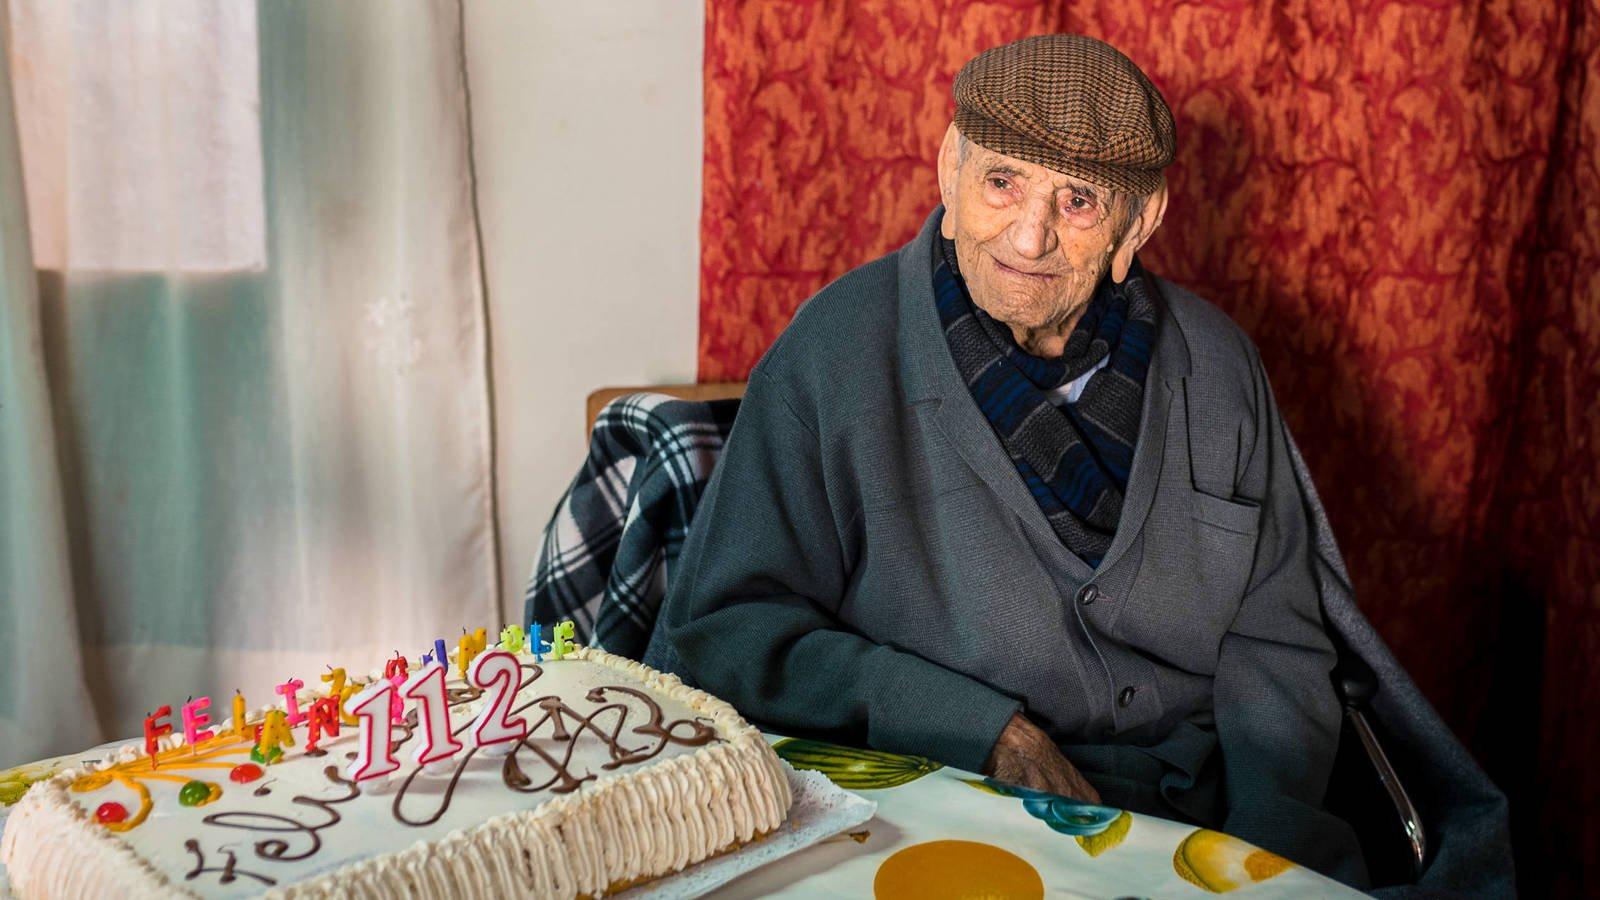 Житель Эстремадуры – самый старый мужчина в мире